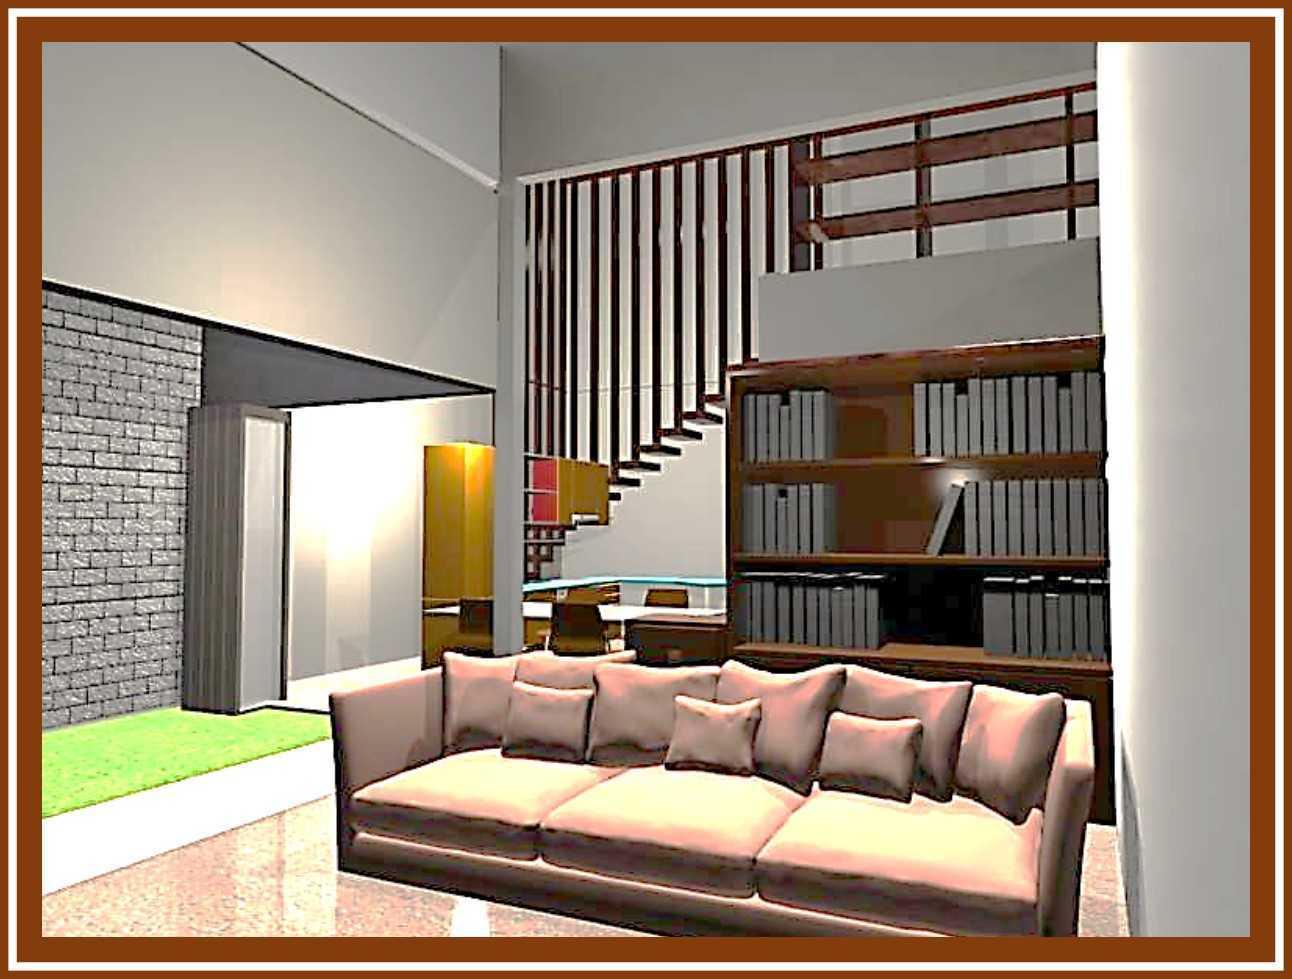 Ideall Design Renovasi Rumah Mezzanine Kec. Pondokgede, Kota Bks, Jawa Barat, Indonesia Kec. Pondokgede, Kota Bks, Jawa Barat, Indonesia Perspektif Ruang Keluarga  114410